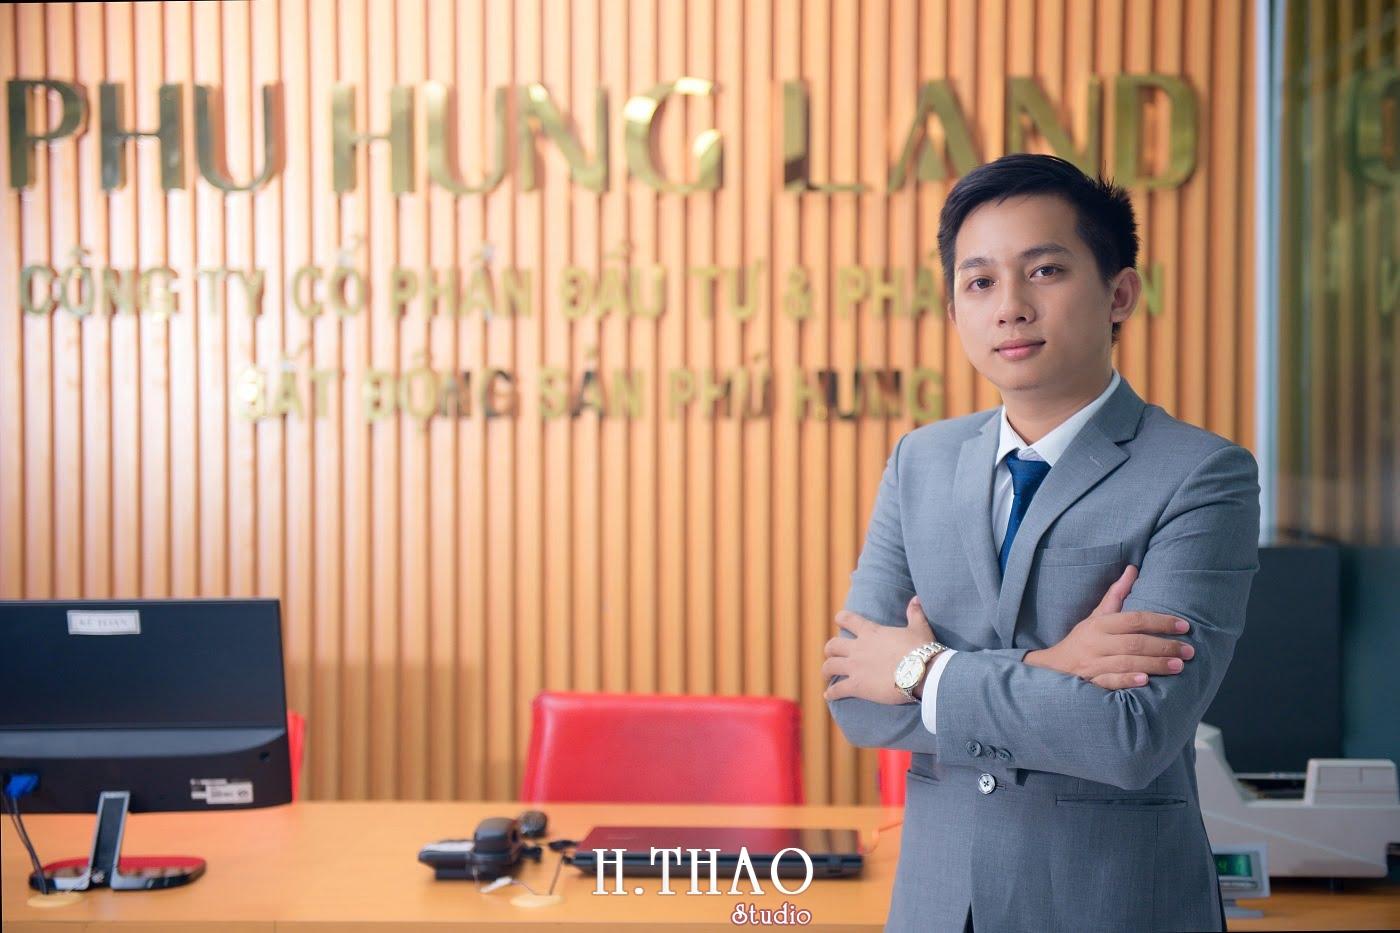 Phu Hung Land 2 - Album ảnh profile nhân sự công ty Phu Hung Land – HThao Studio